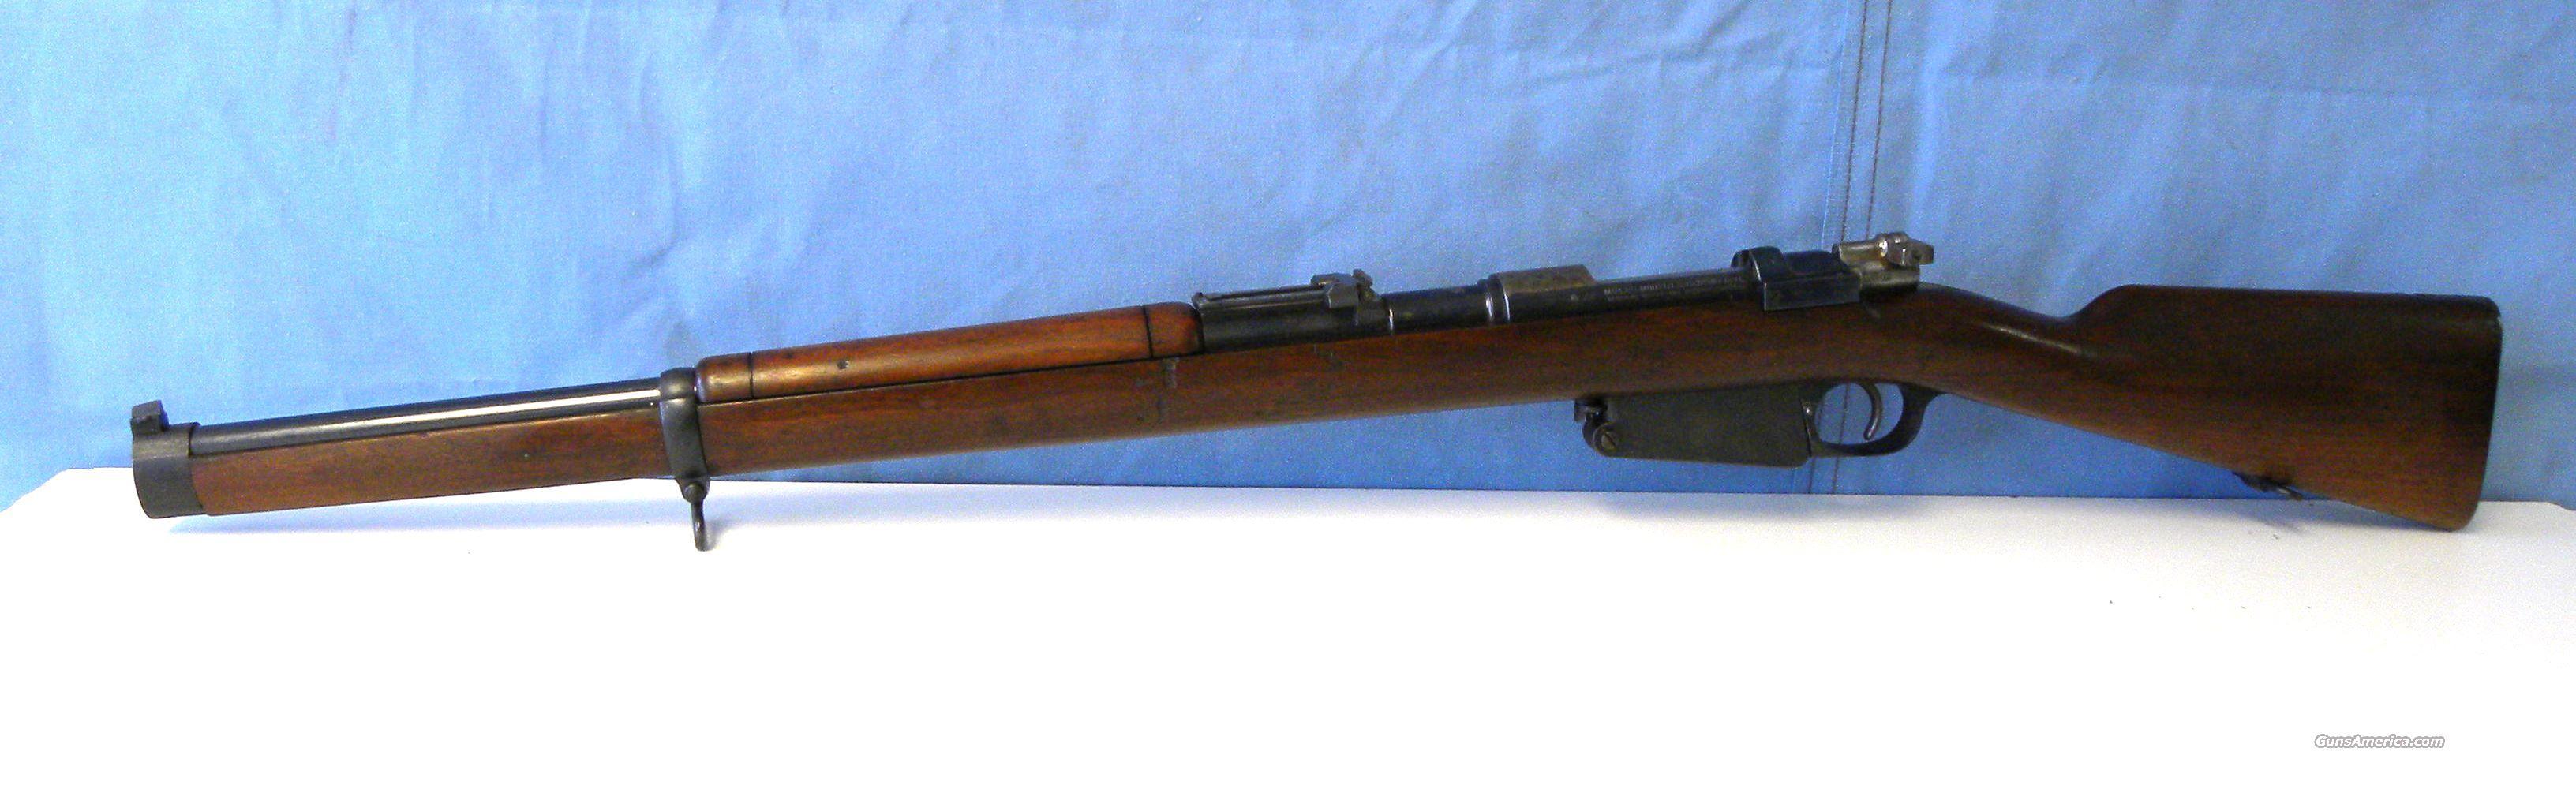 1891 Mauser DWM  Guns > Rifles > Mauser Rifles > German